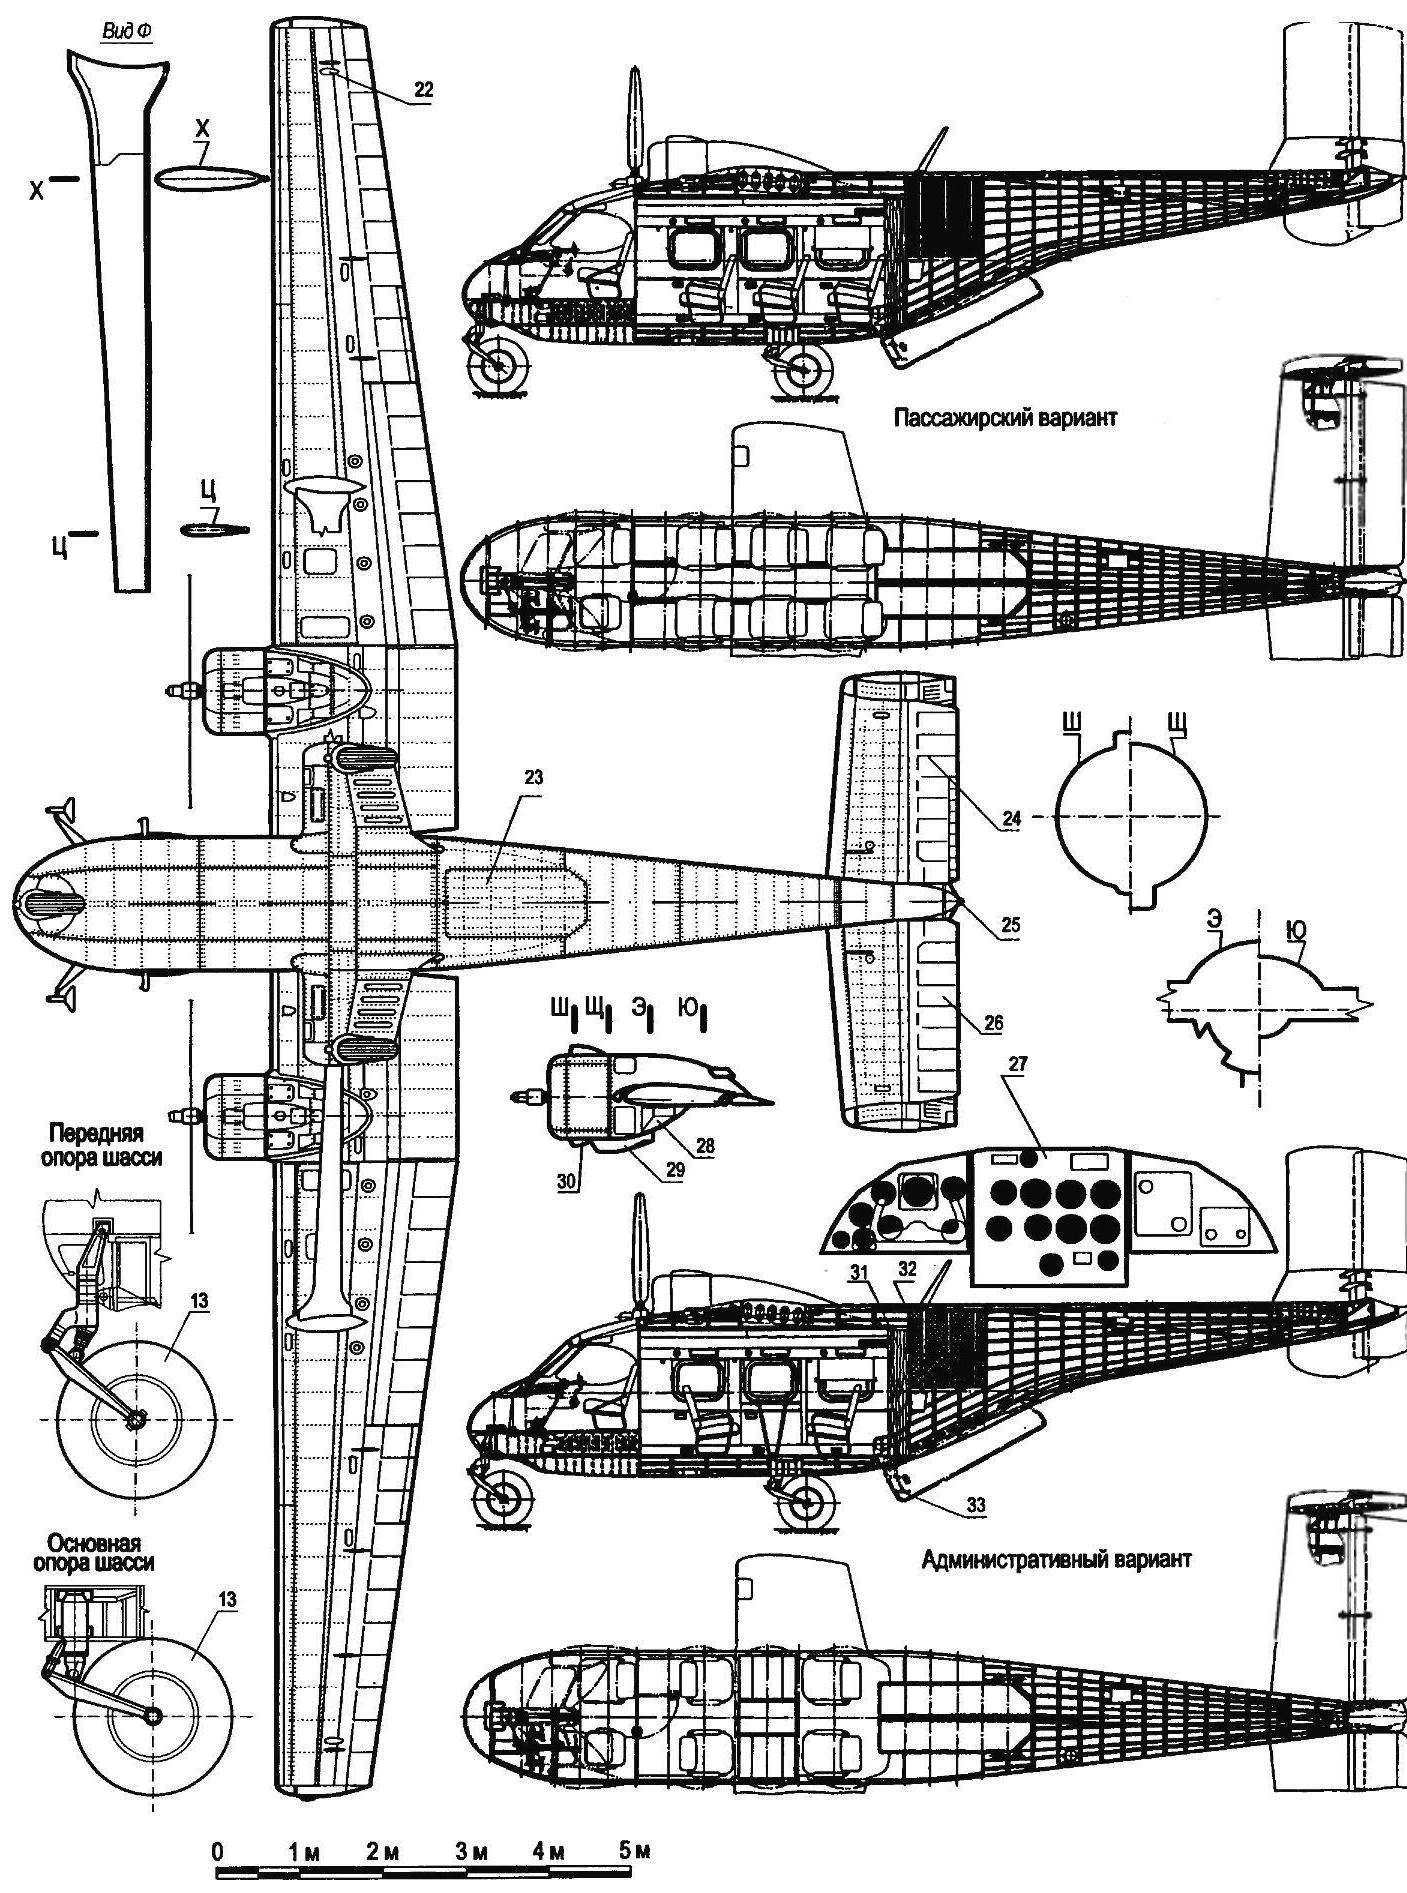 Многоцелевой самолет Ан-14